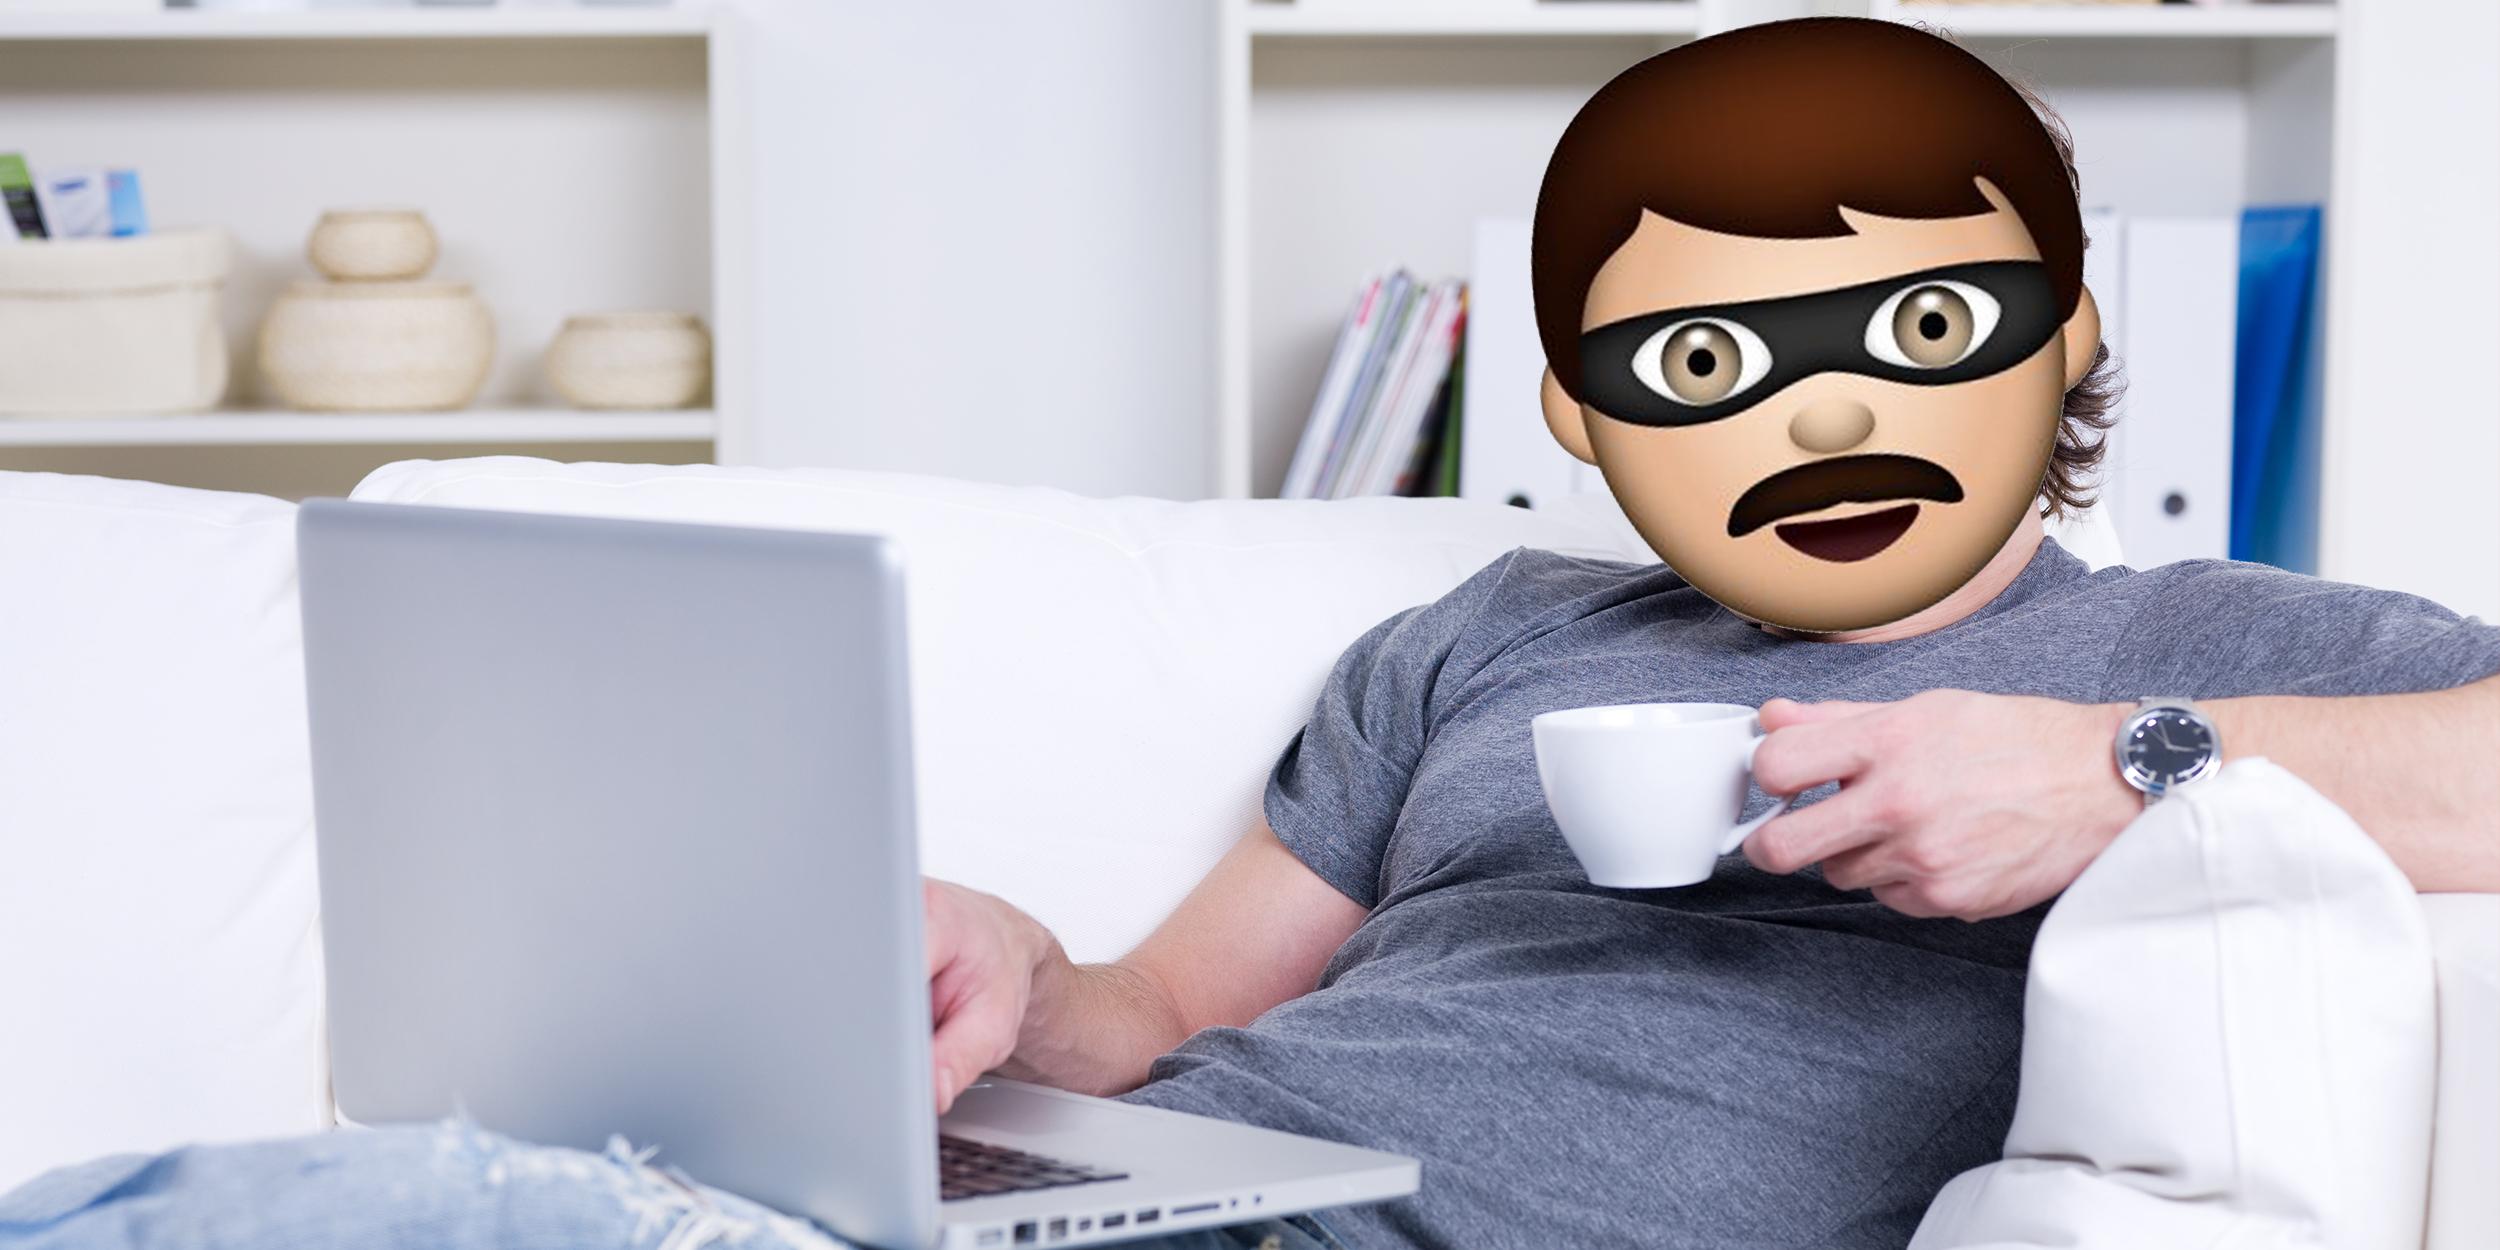 Случаи интернет знакомств секс знакомства в орехово зуеве